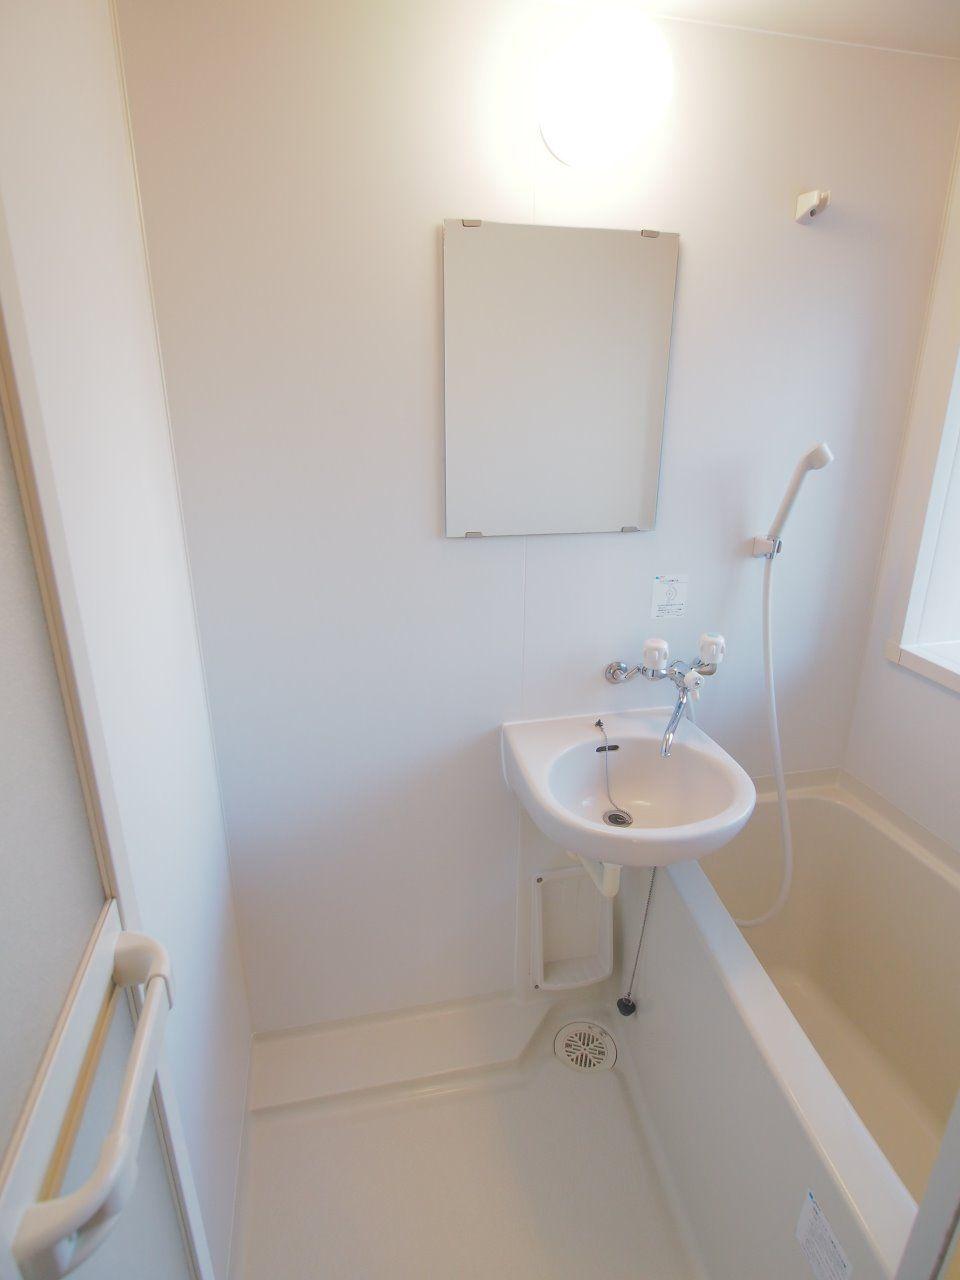 窓があり、換気がしやすい浴室